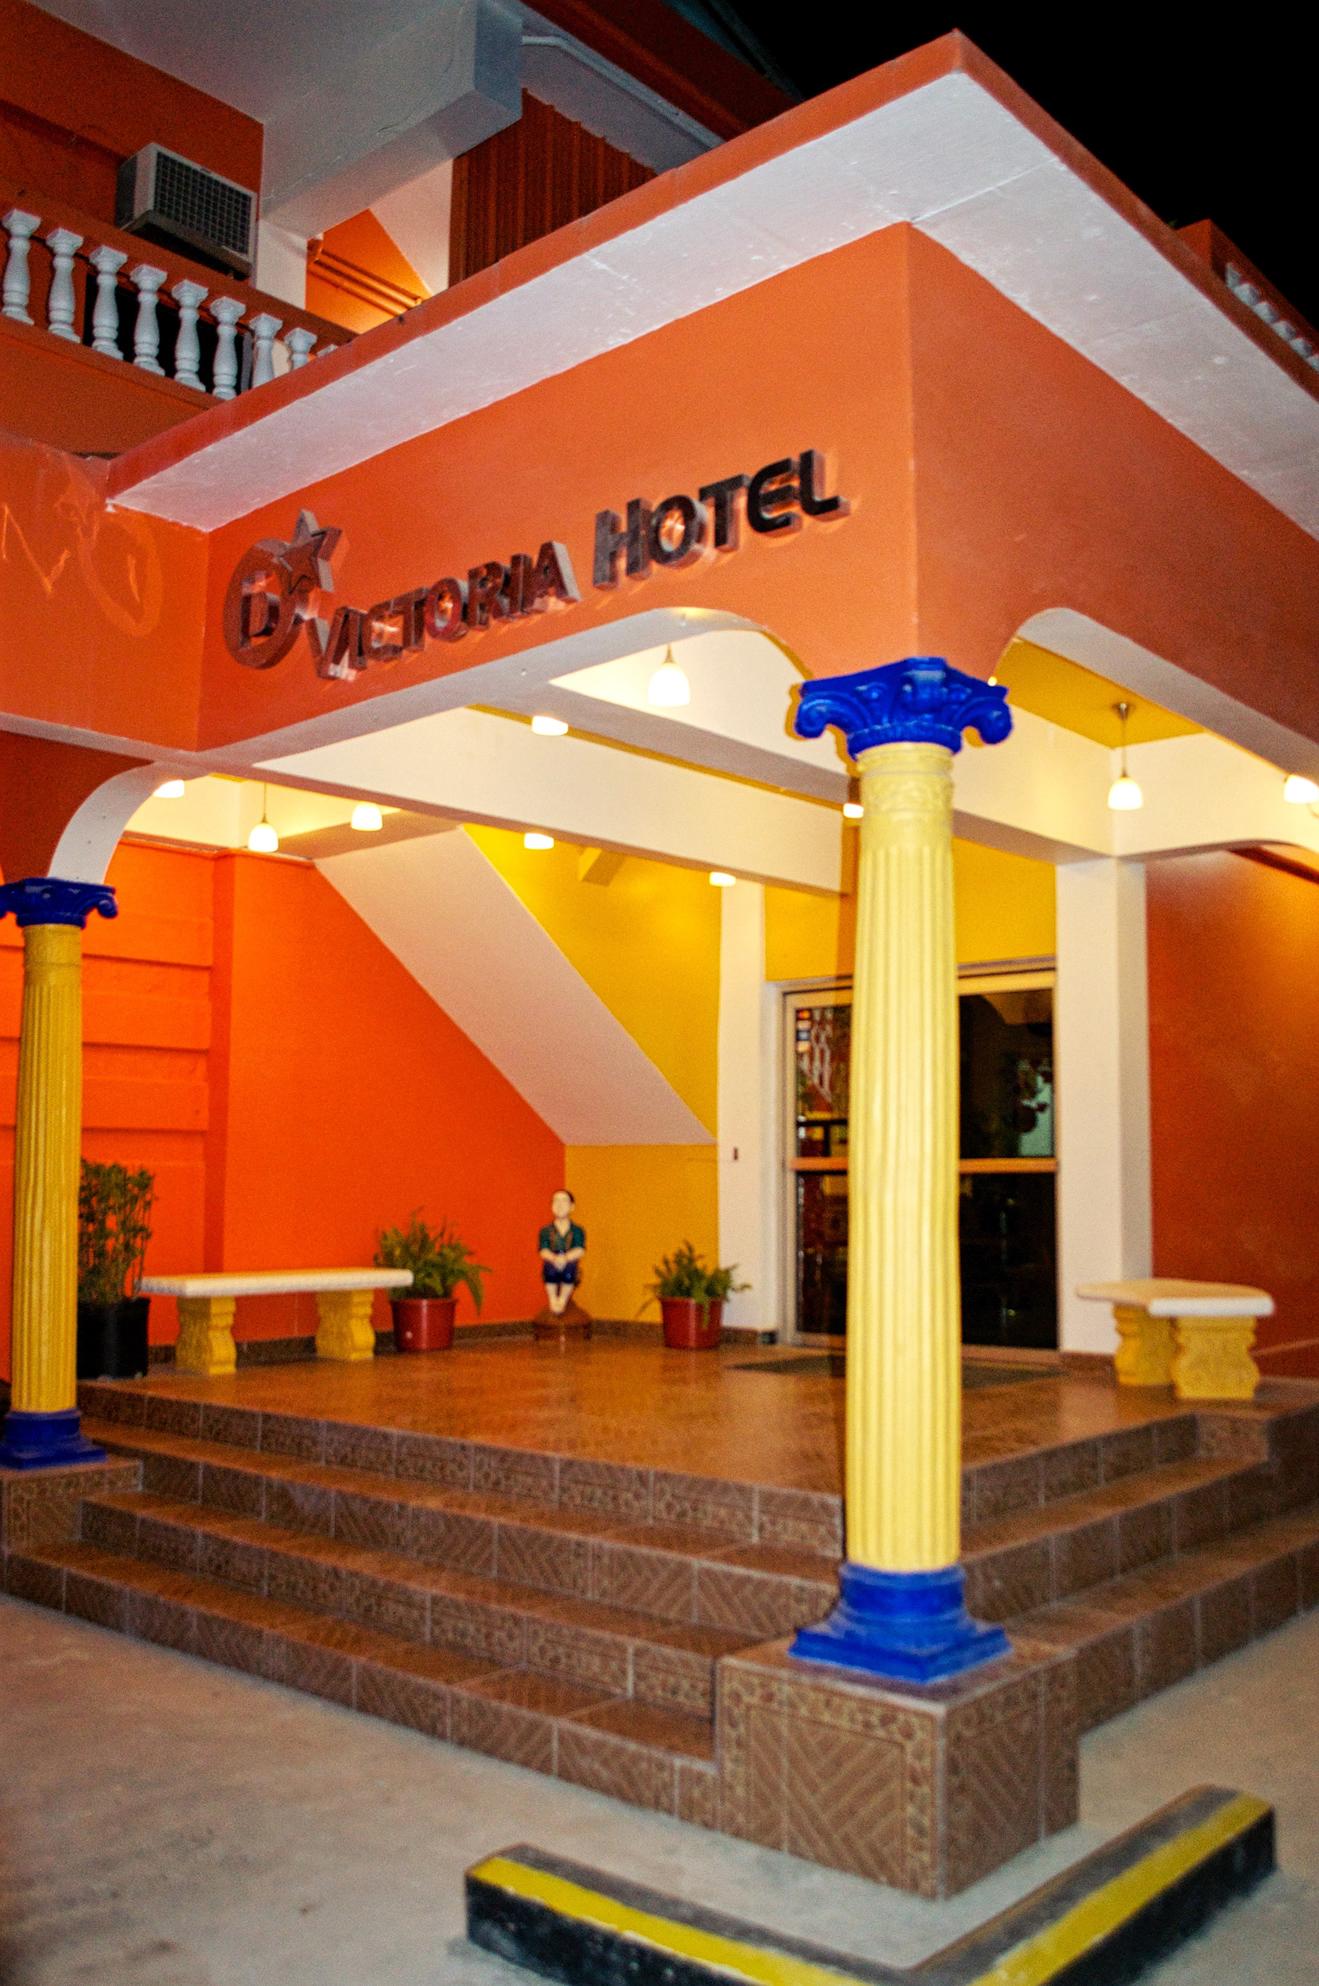 D Victoria Hotel Orange Walk Hotel